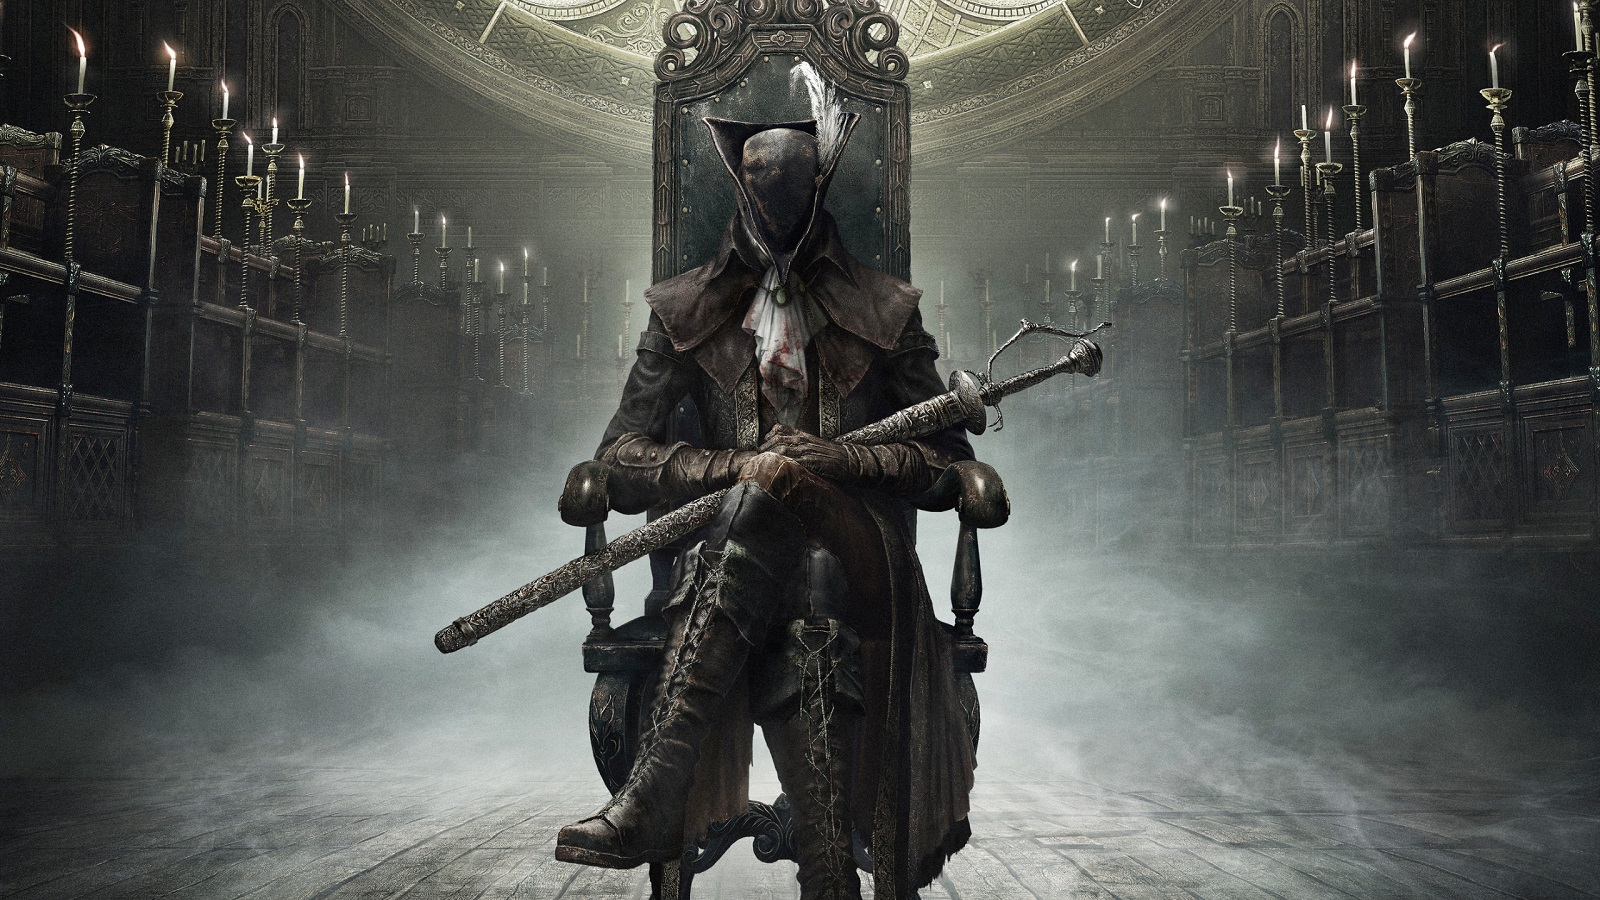 Моддер отложил публичный выпуск своего патча с поддержкой 60 кадров/с для Bloodborne до февраля 2021 года